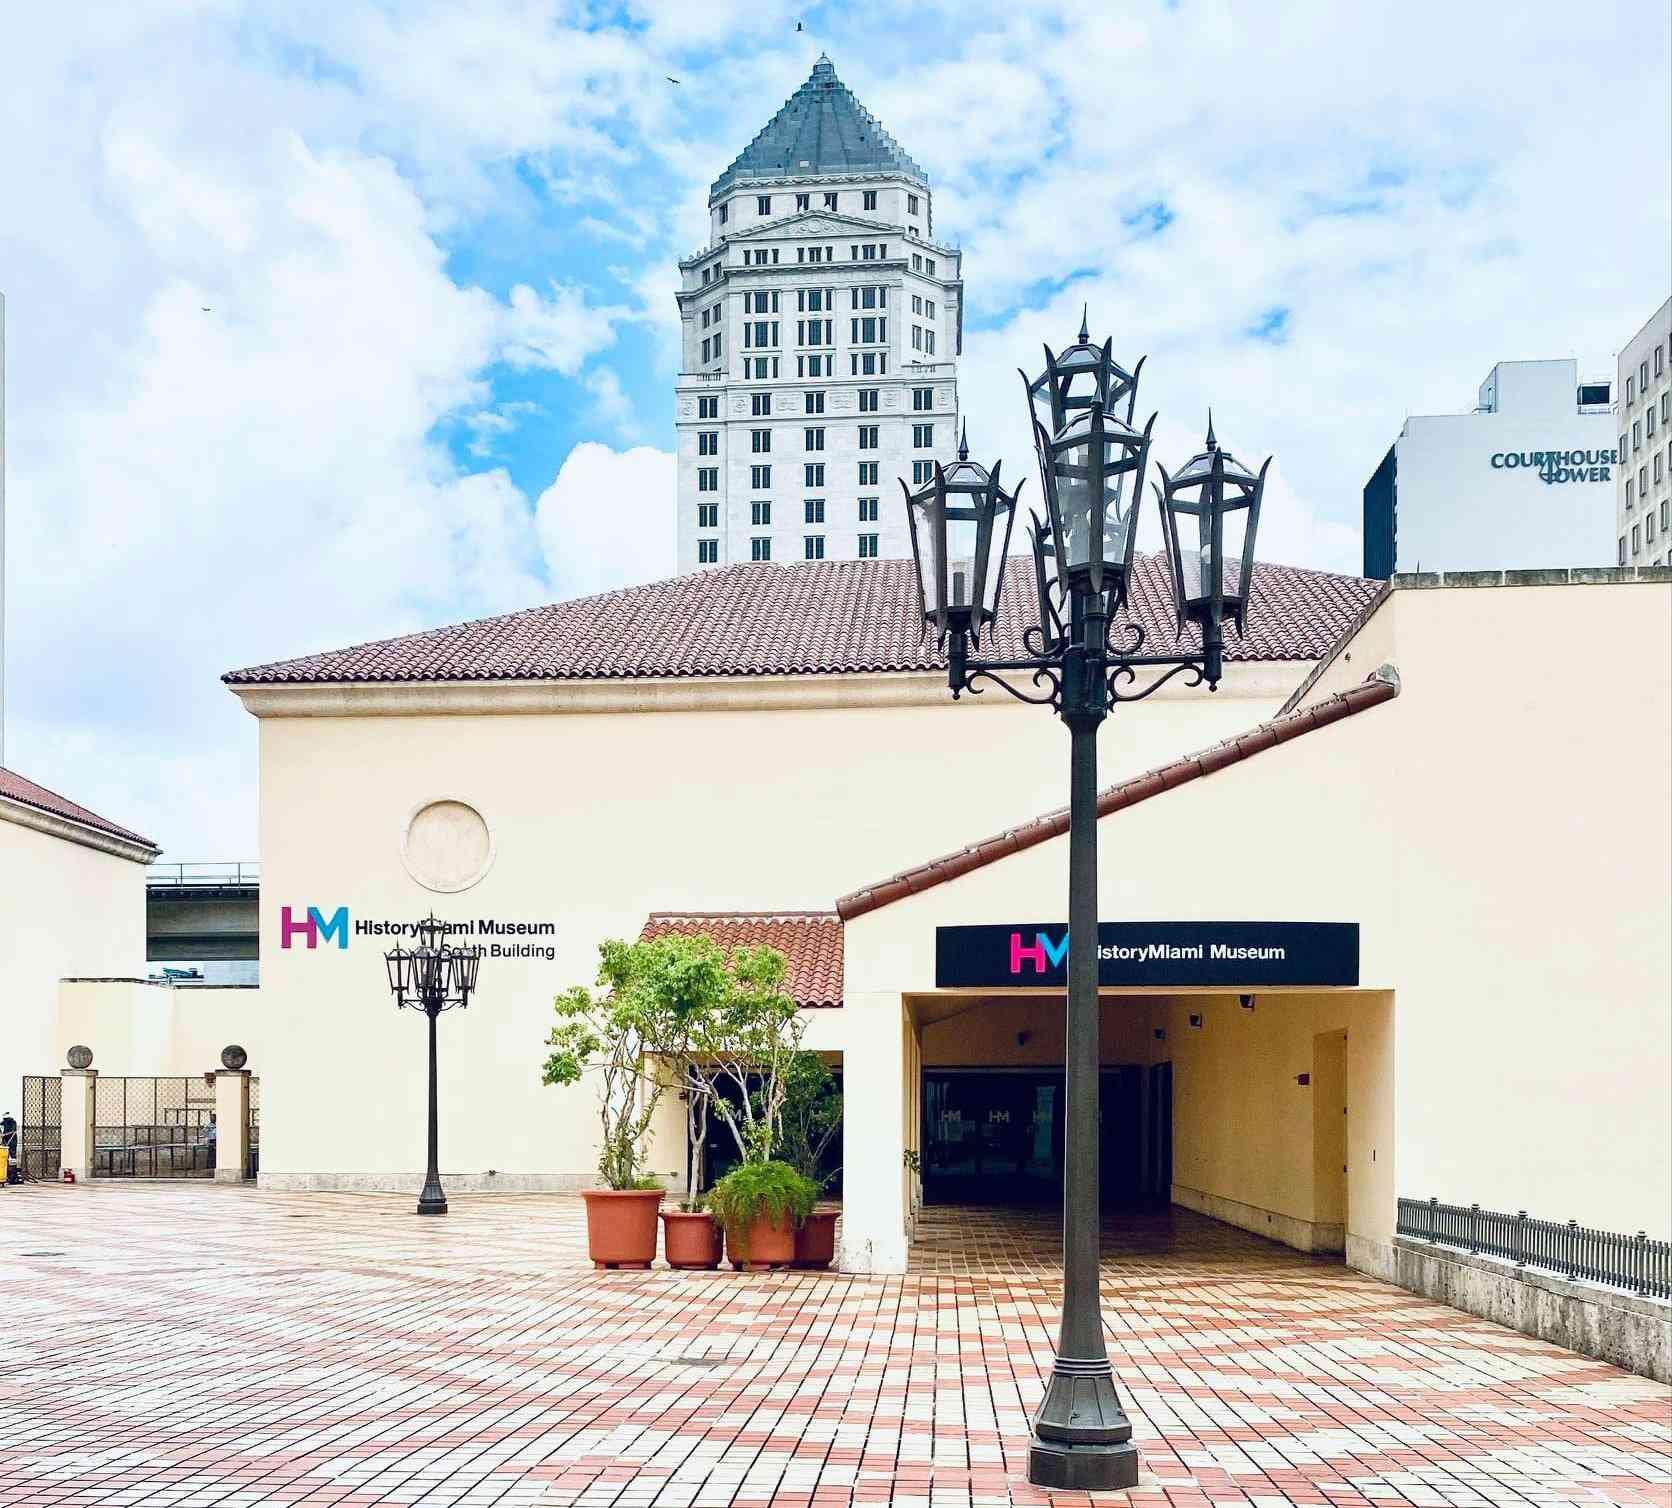 HistoryMiami Museum exterior